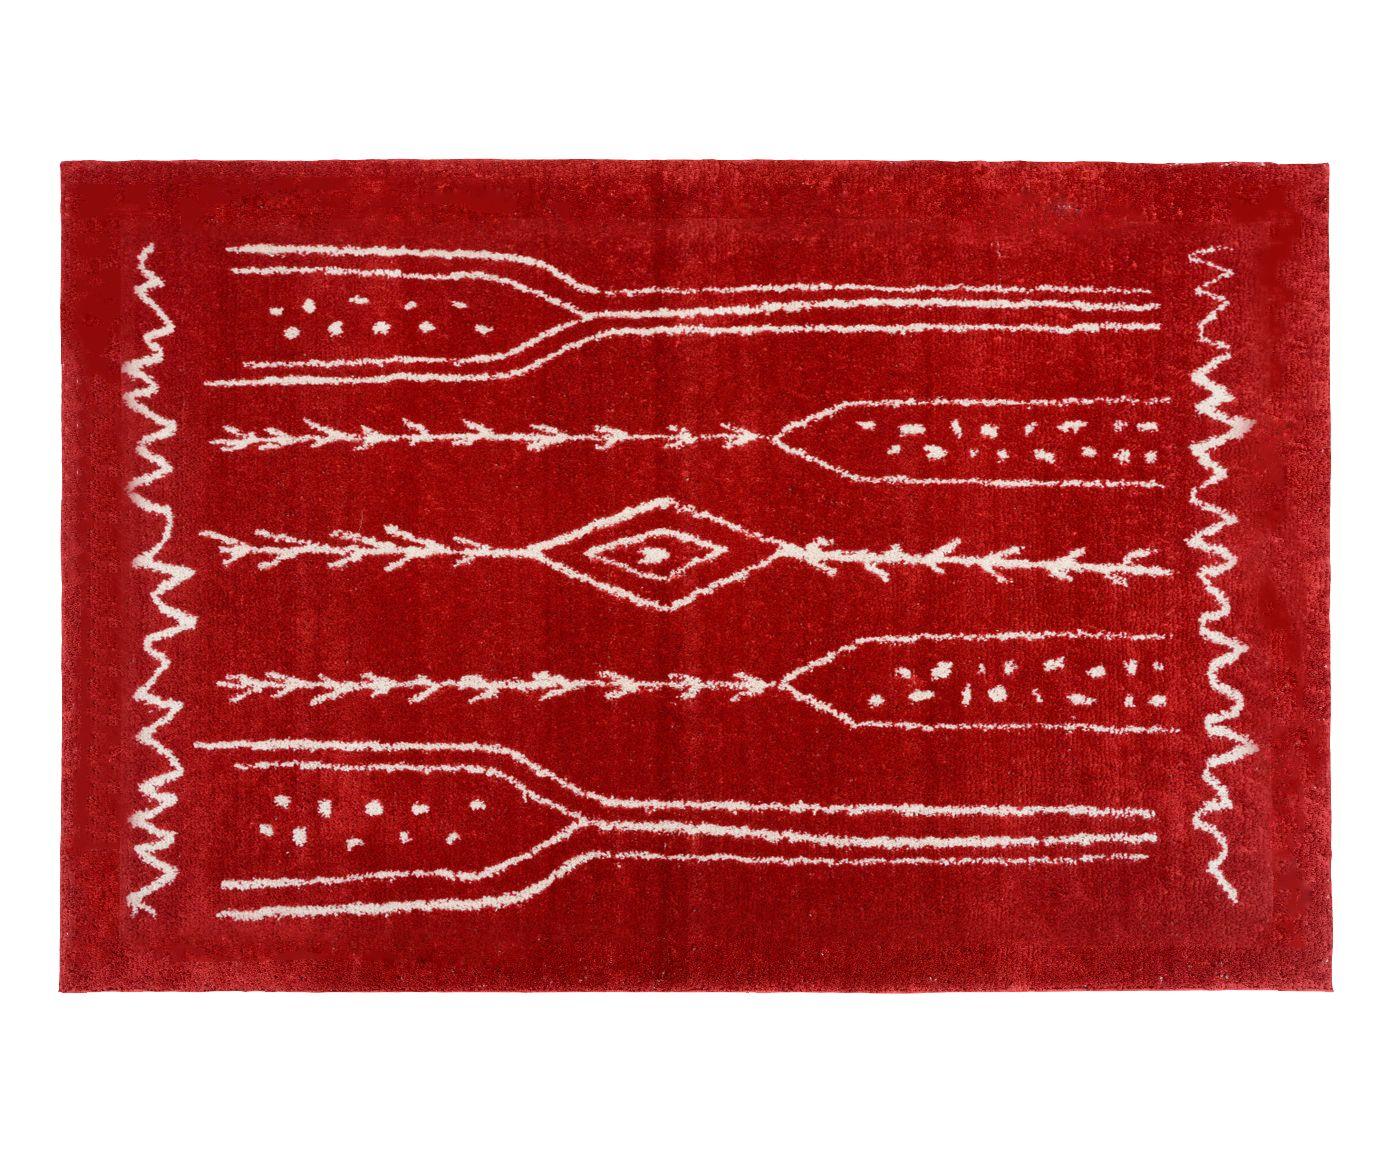 Tapete Art Safia Rubi - 200X300cm, 200x300cm | Westwing.com.br